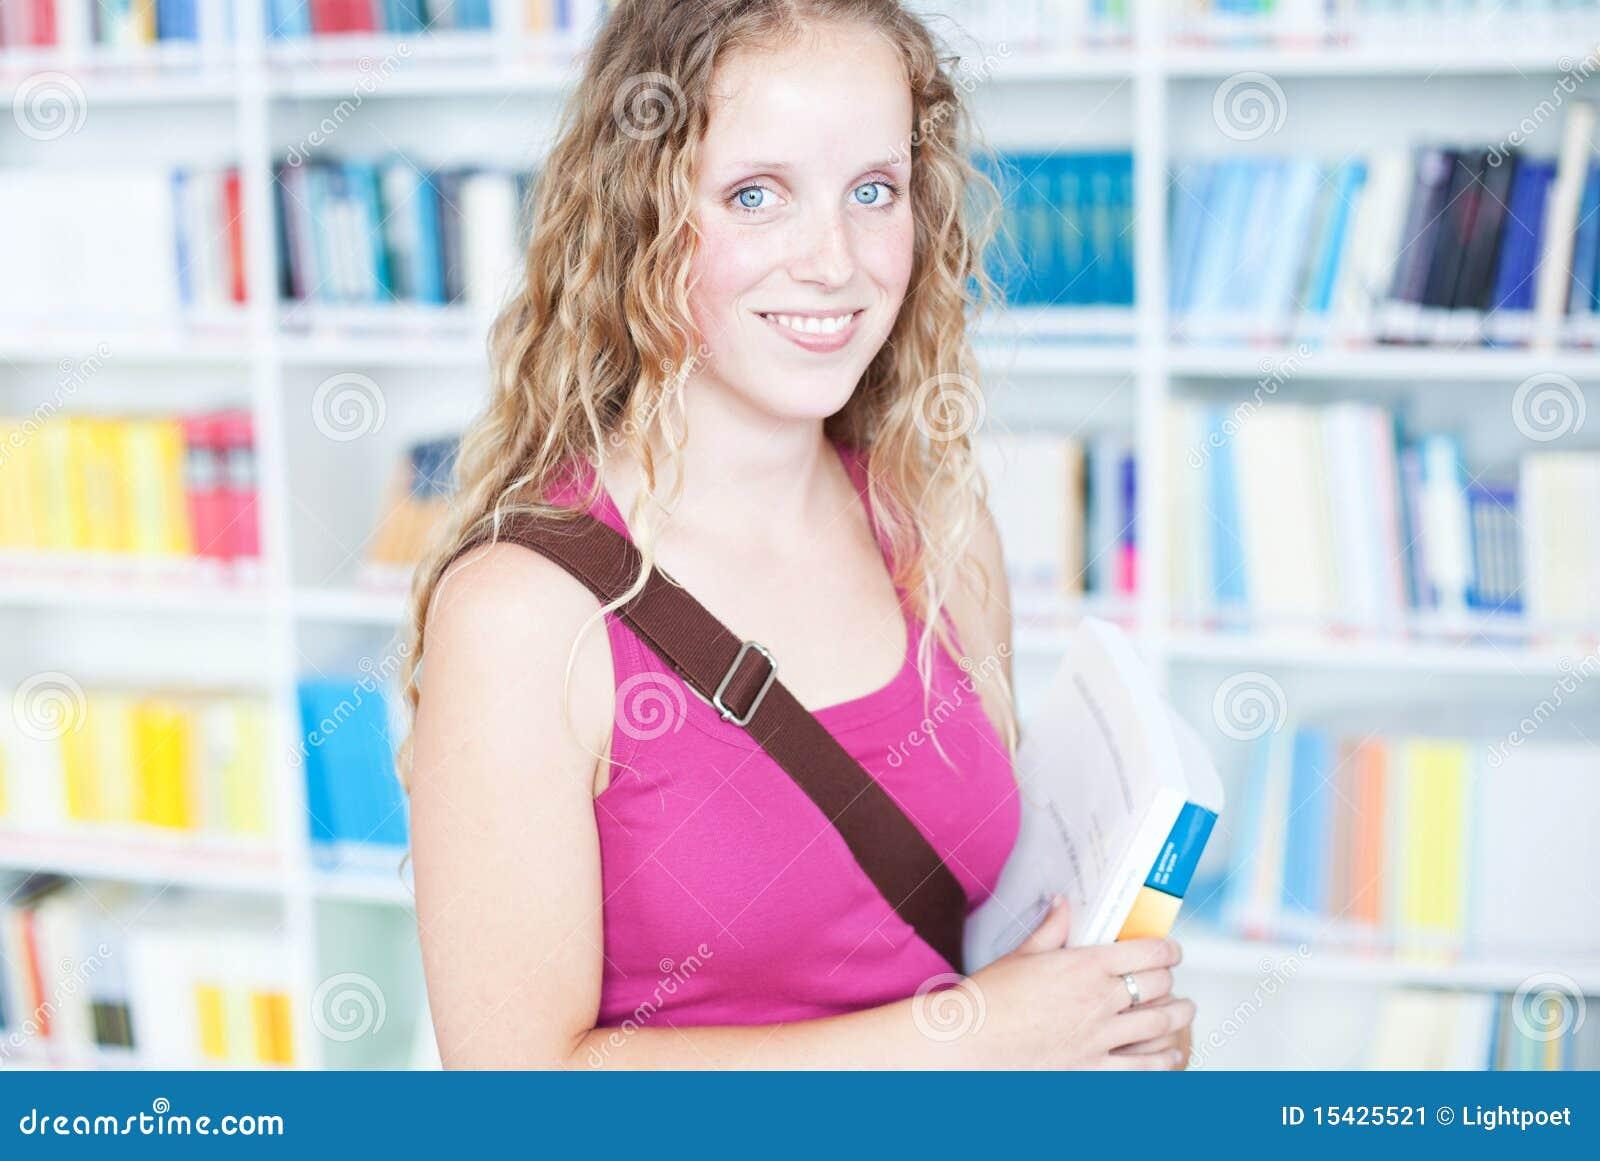 Graduate Scholarships for Women Over 40